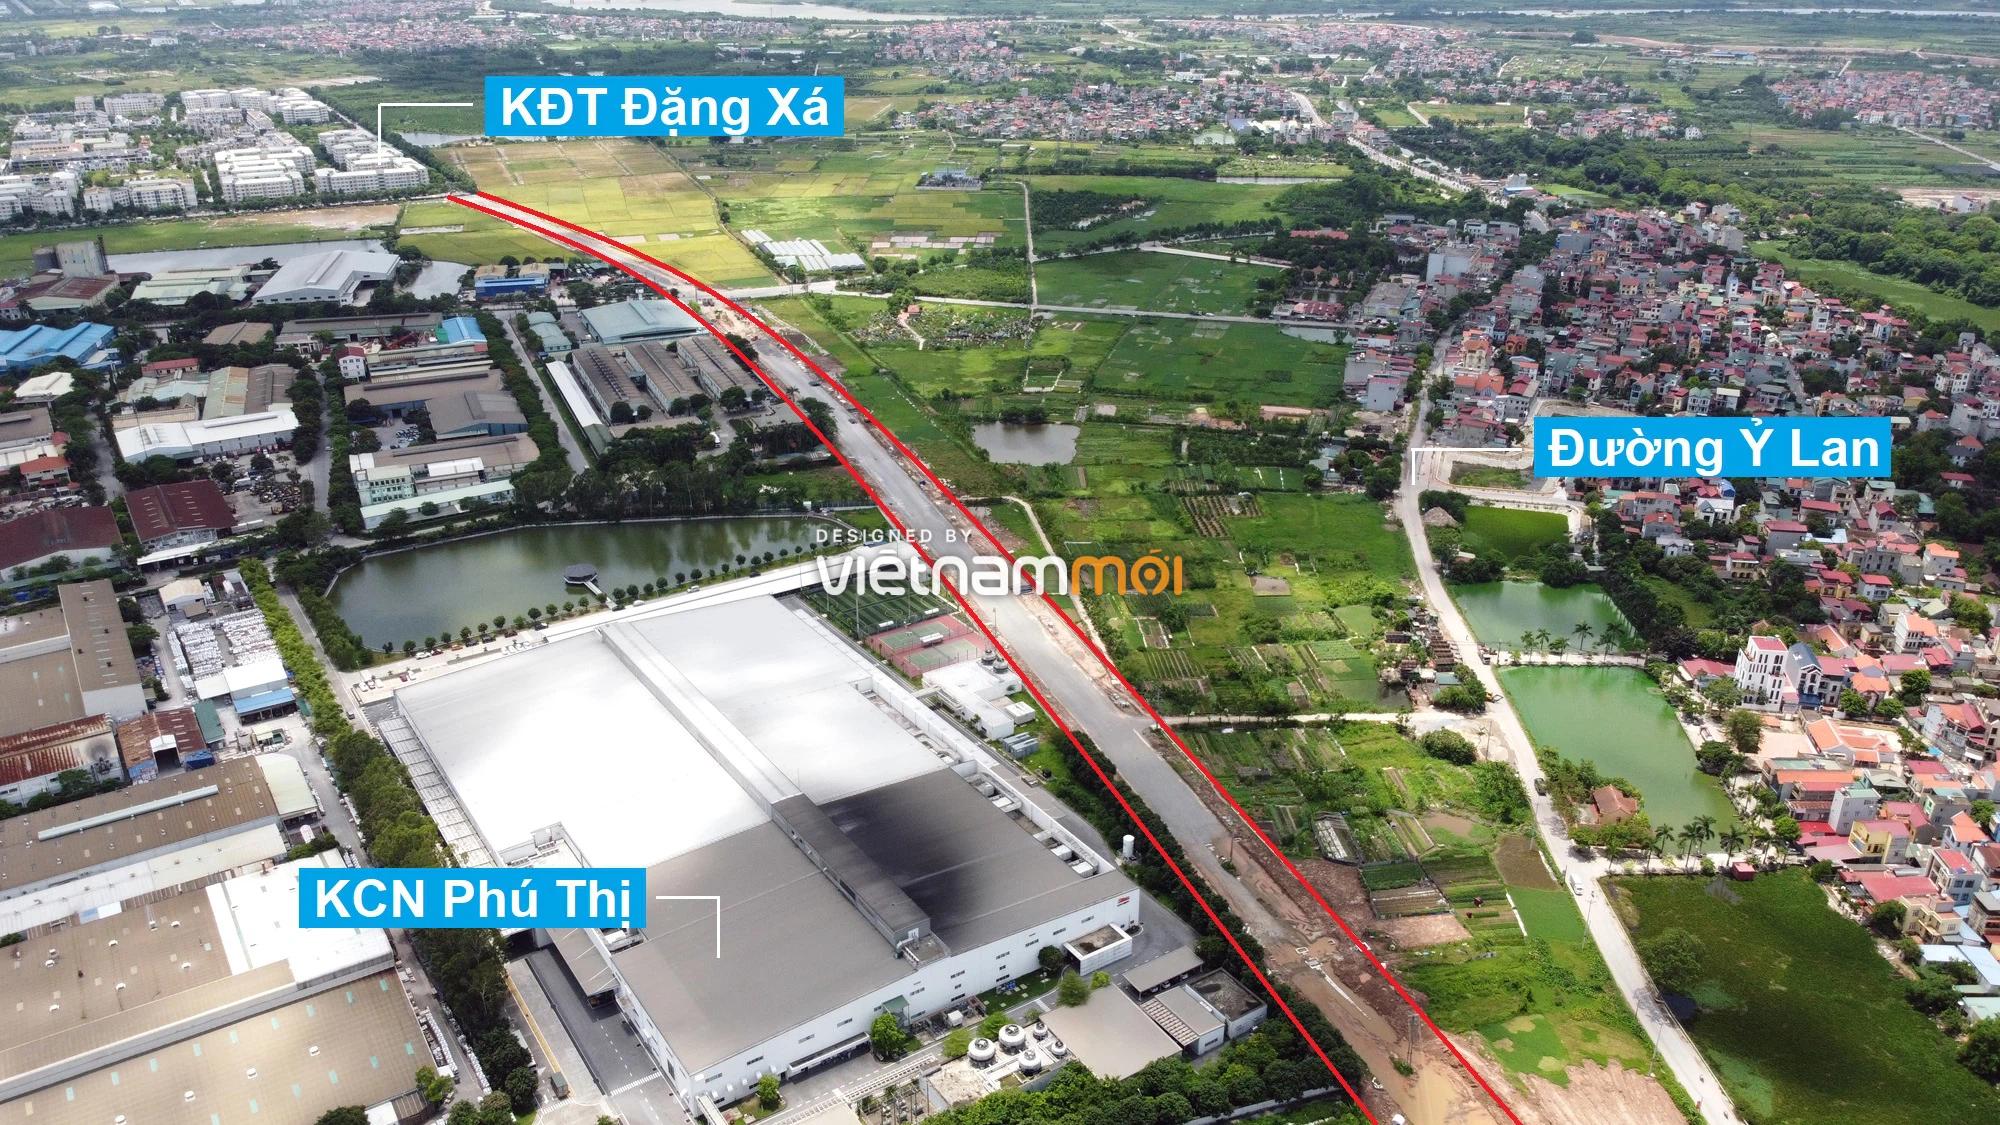 Toàn cảnh tuyến đường từ KĐT Đặng Xá đến Ỷ Lan đang mở theo quy hoạch ở Hà Nội - Ảnh 9.